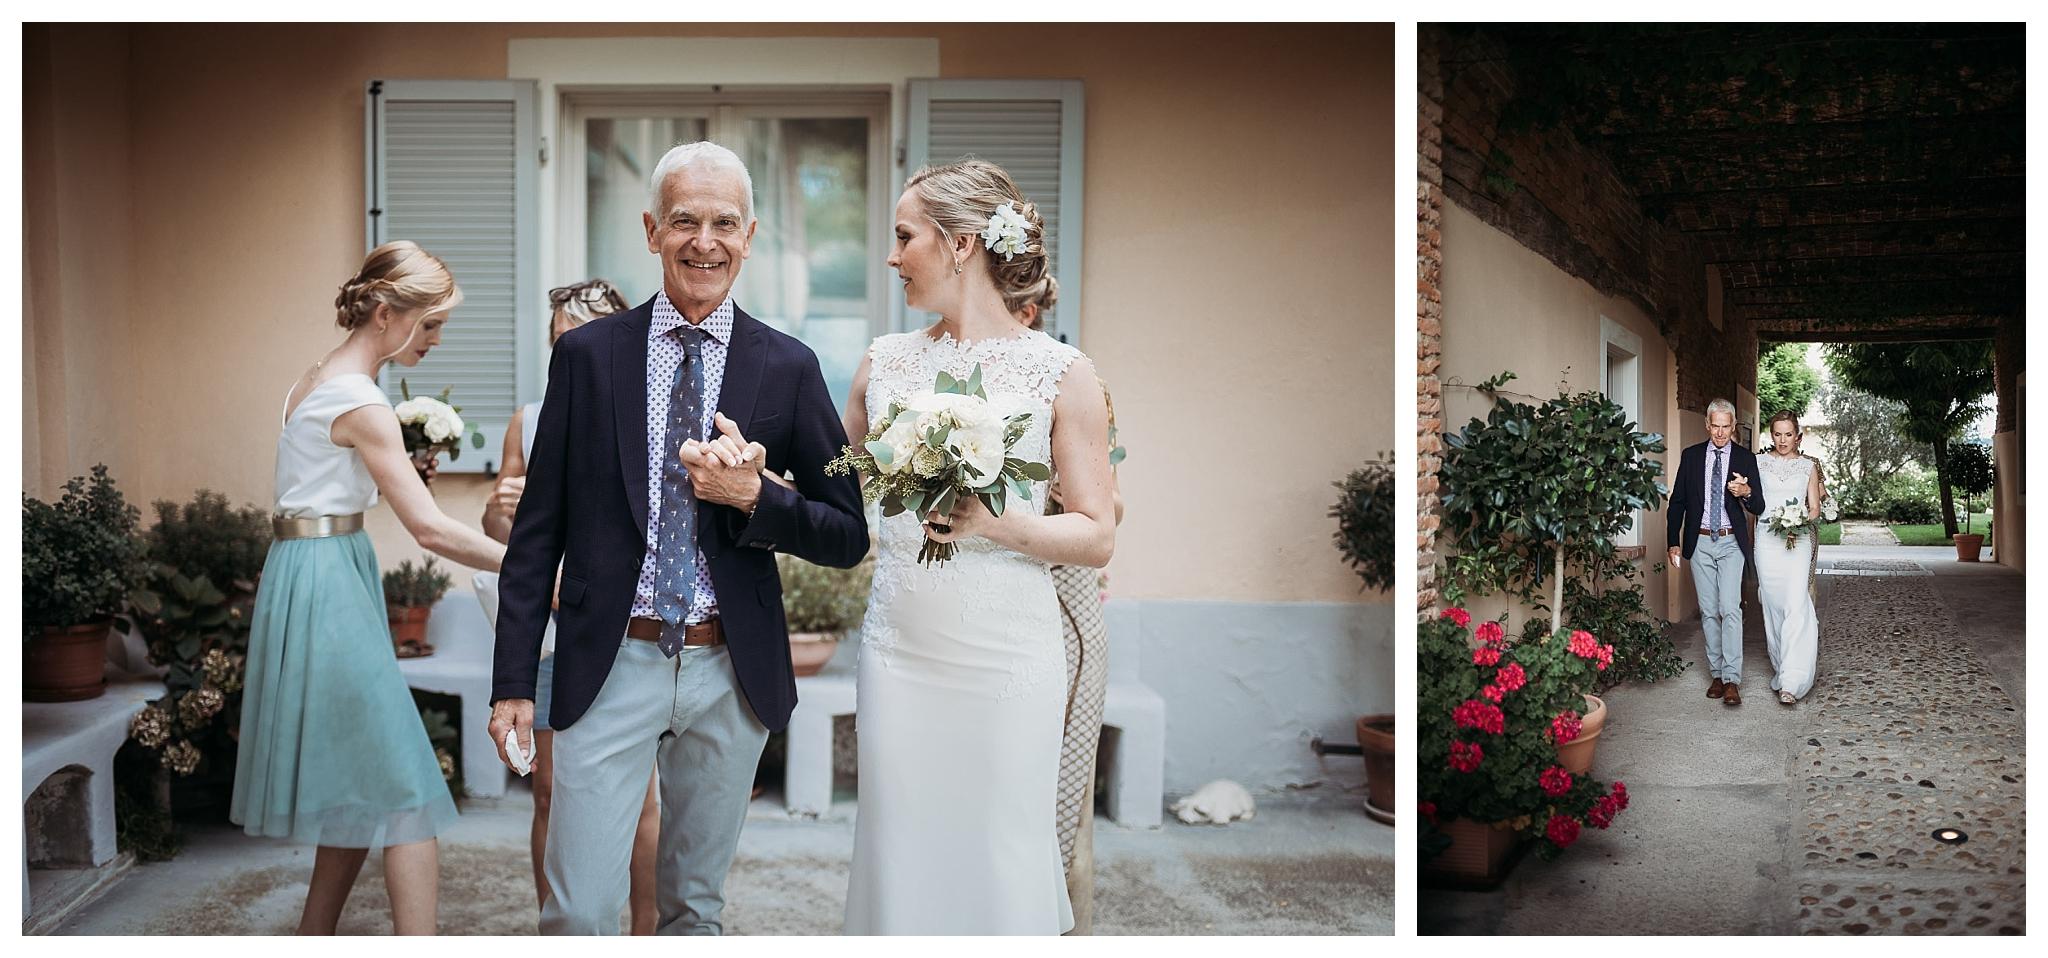 Professional family portrait of the bride and her father at La Villa Hotel, Mombaruzzo